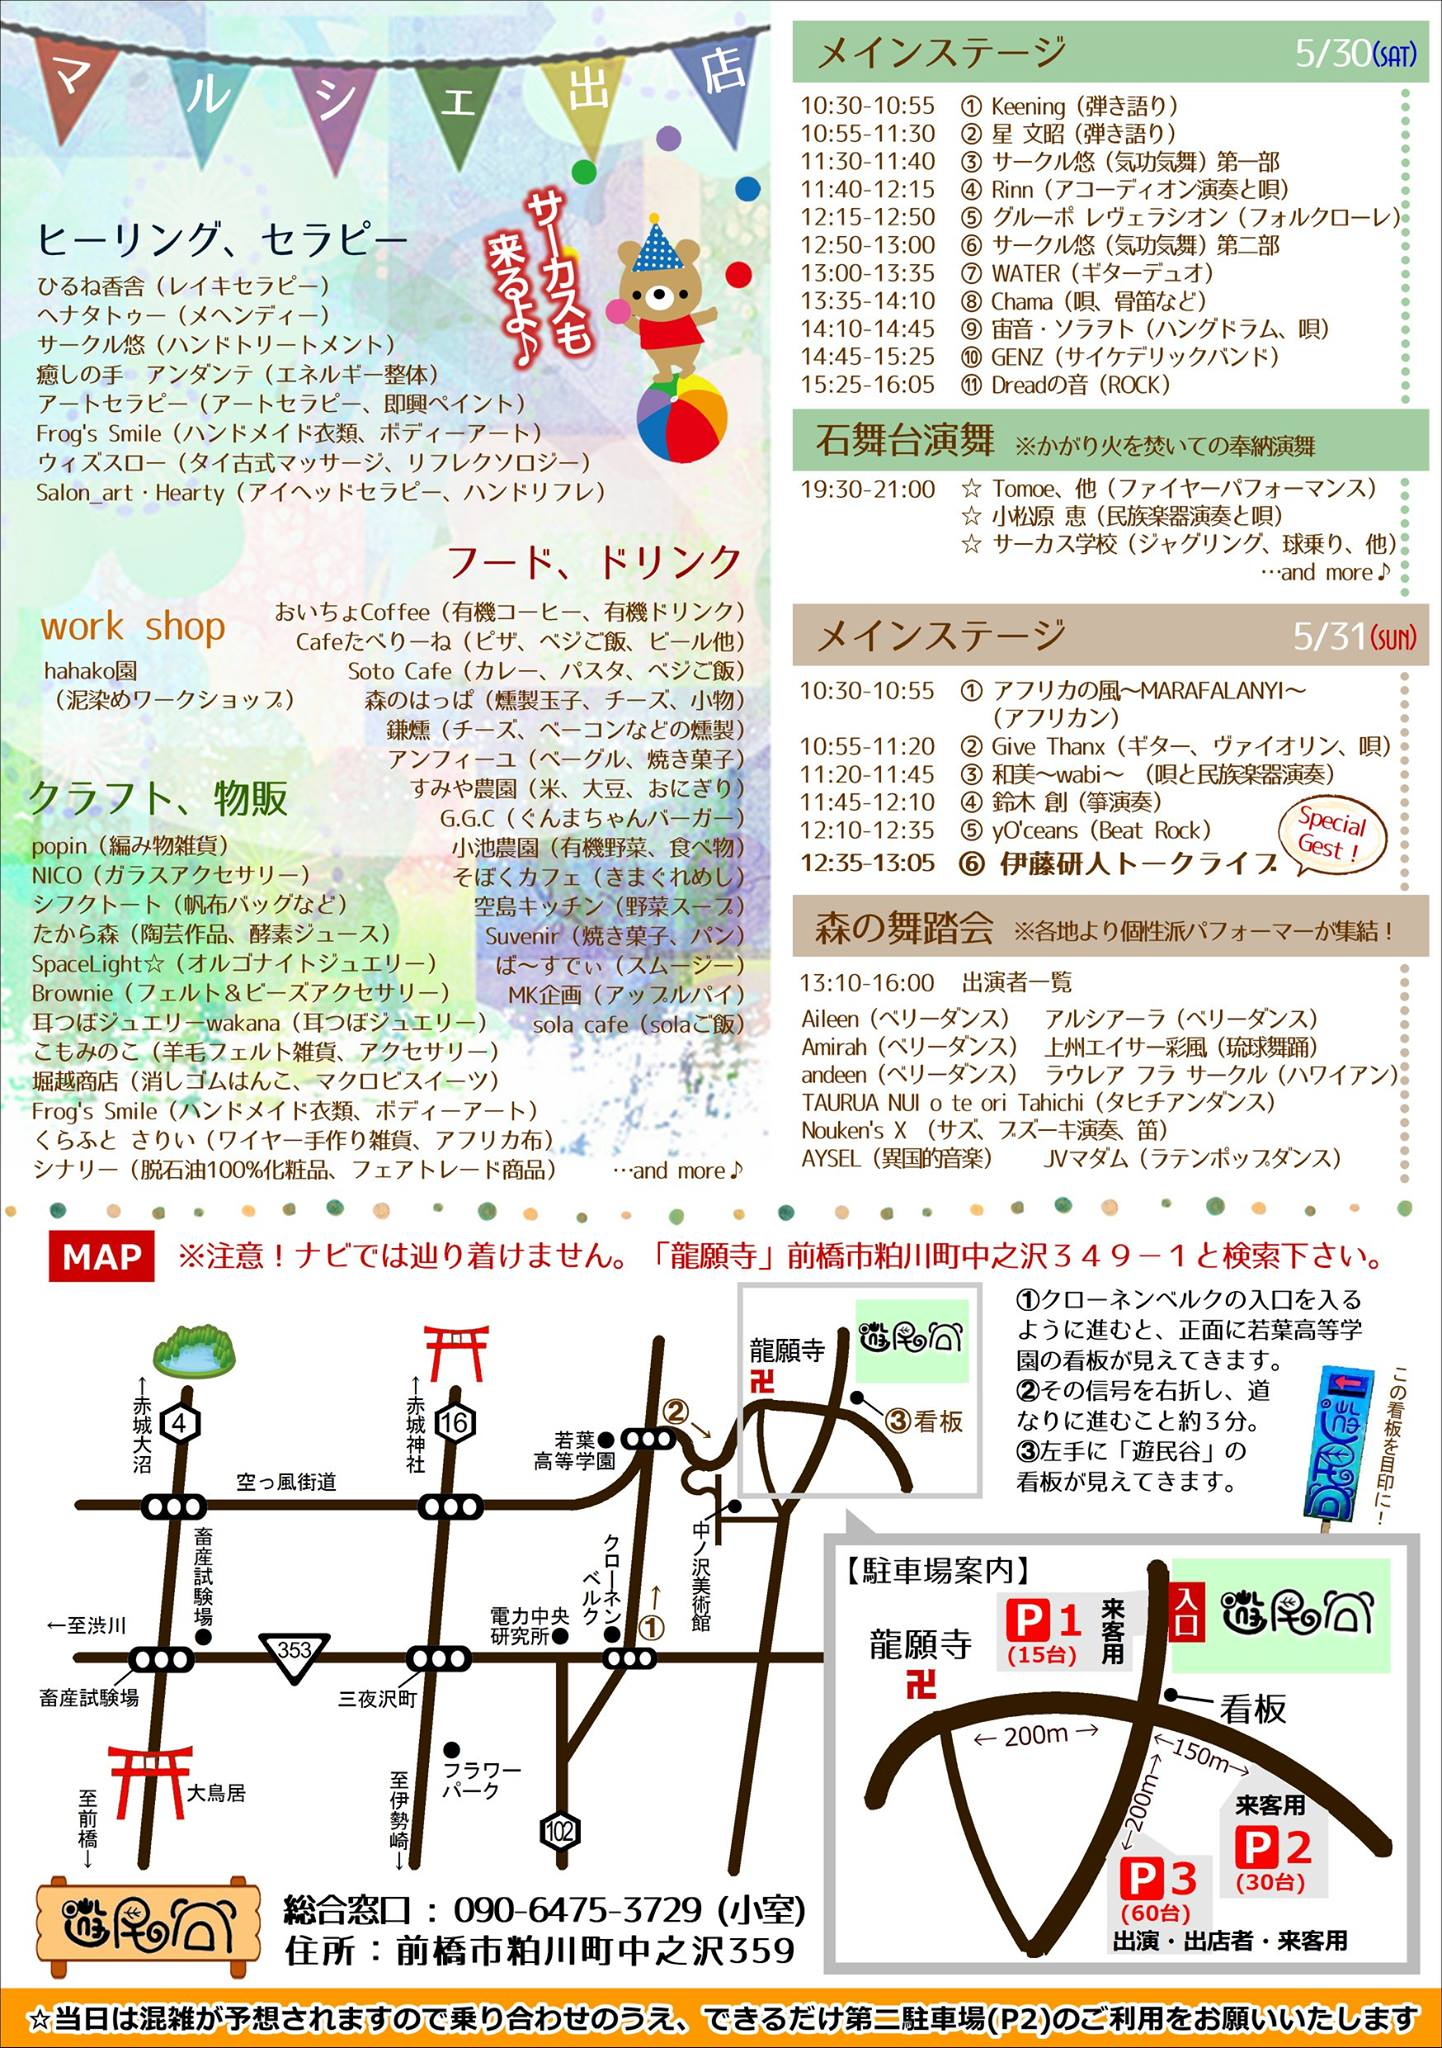 5/30-31@遊民谷 うら